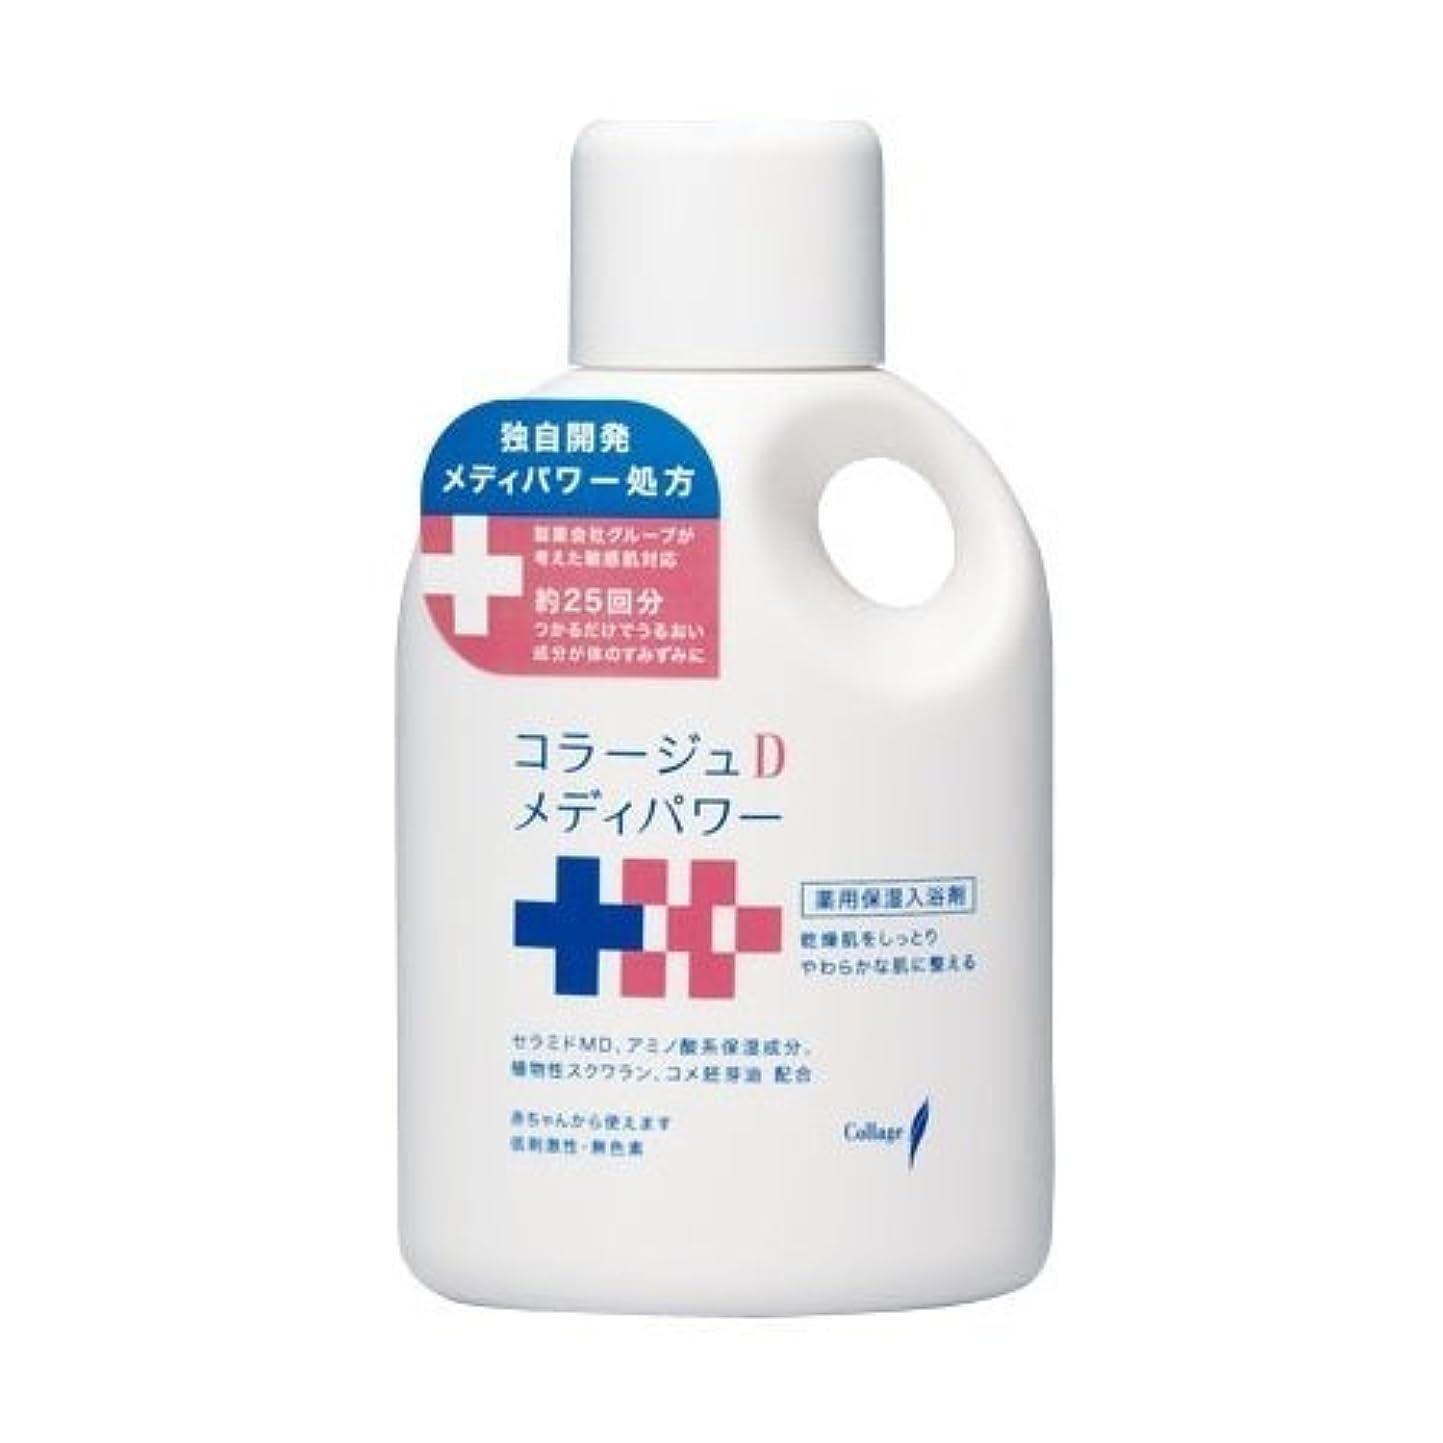 毎回否認する急いでコラージュ Dメディパワー 保湿入浴剤 500mL (医薬部外品)